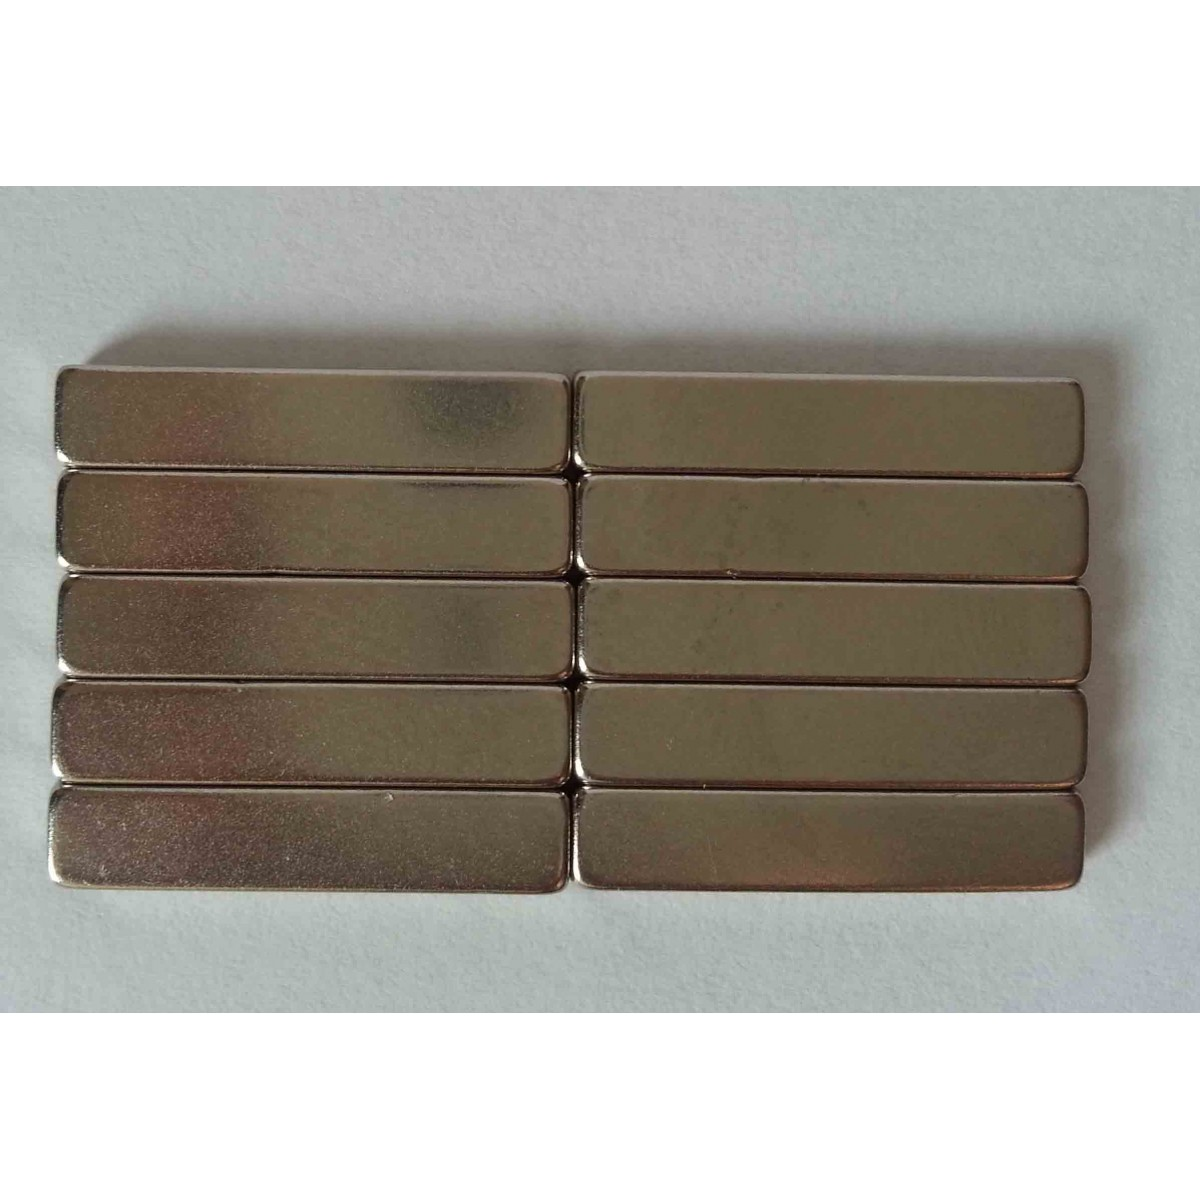 Imã De Neodímio / Super Forte / 20mm X 4mm X 2mm - 10 Peças